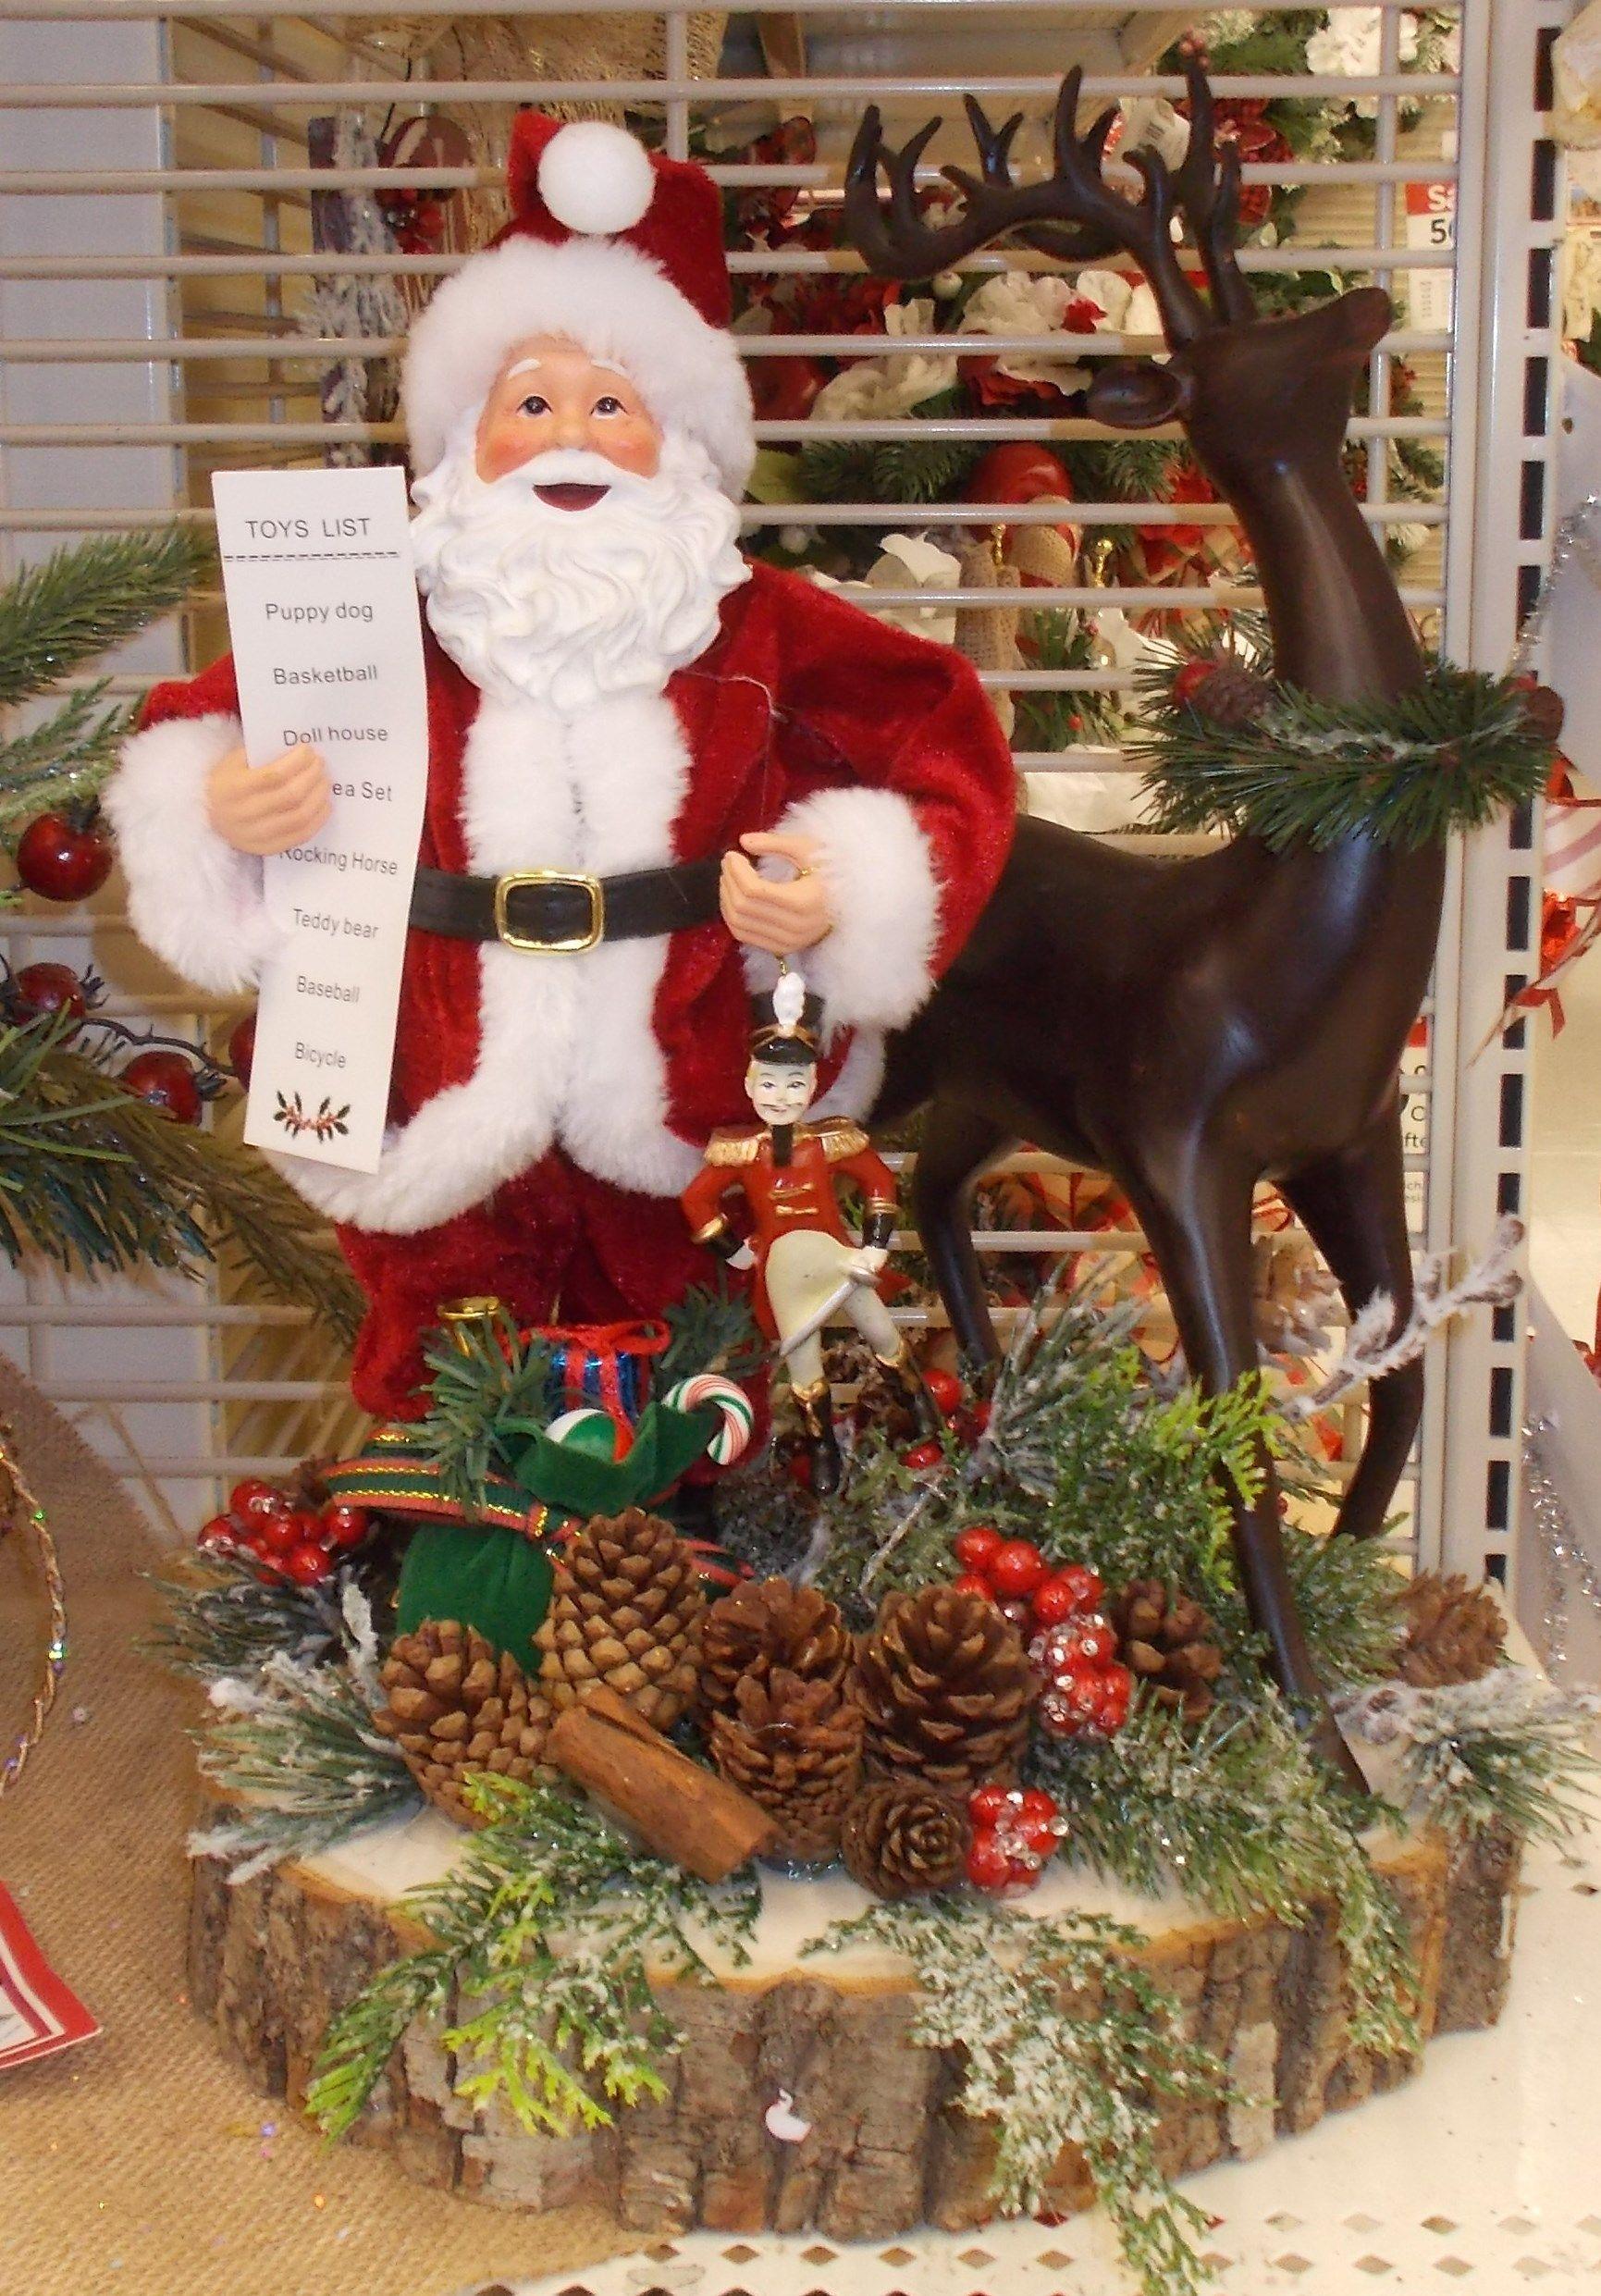 Santa with his reindeer sherrie 2015 | Weihnachten | Pinterest ...